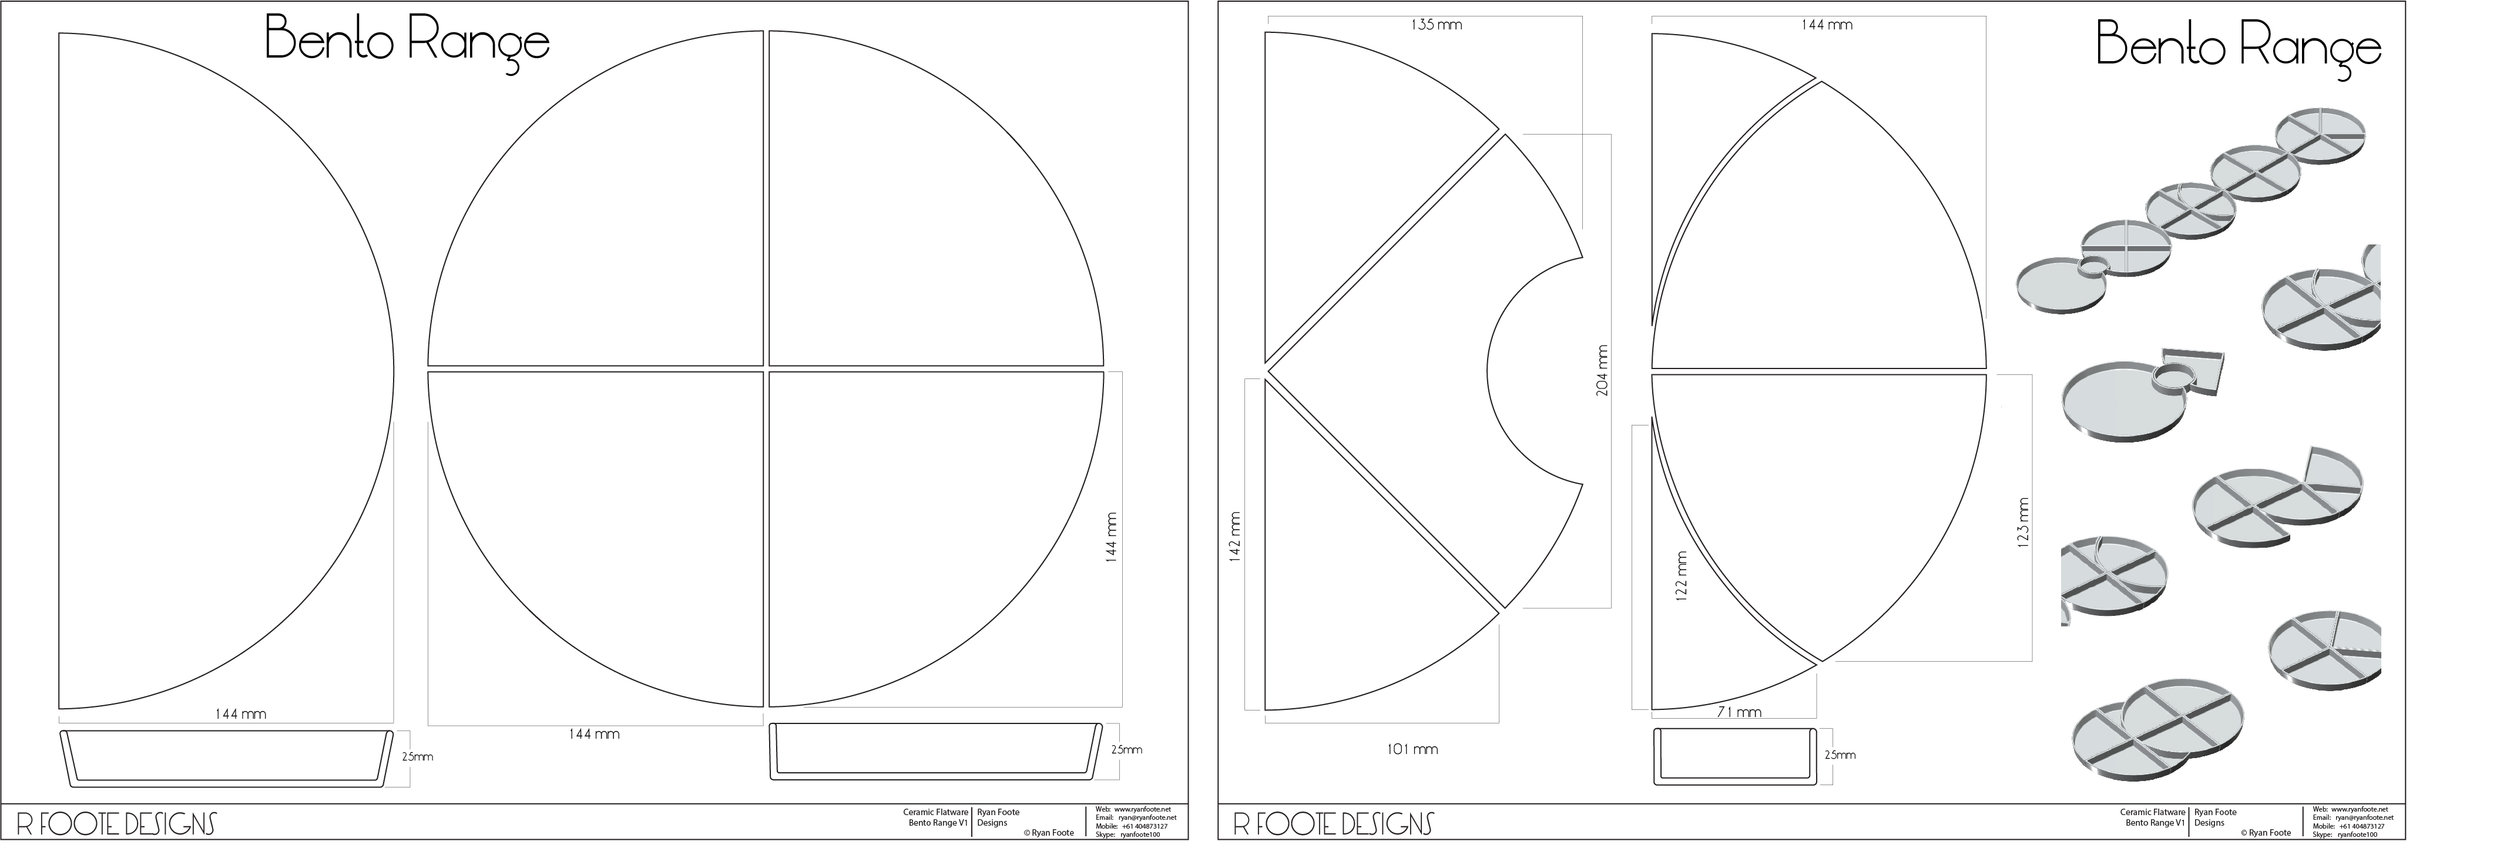 RLFoote Desing Studio plans.jpg